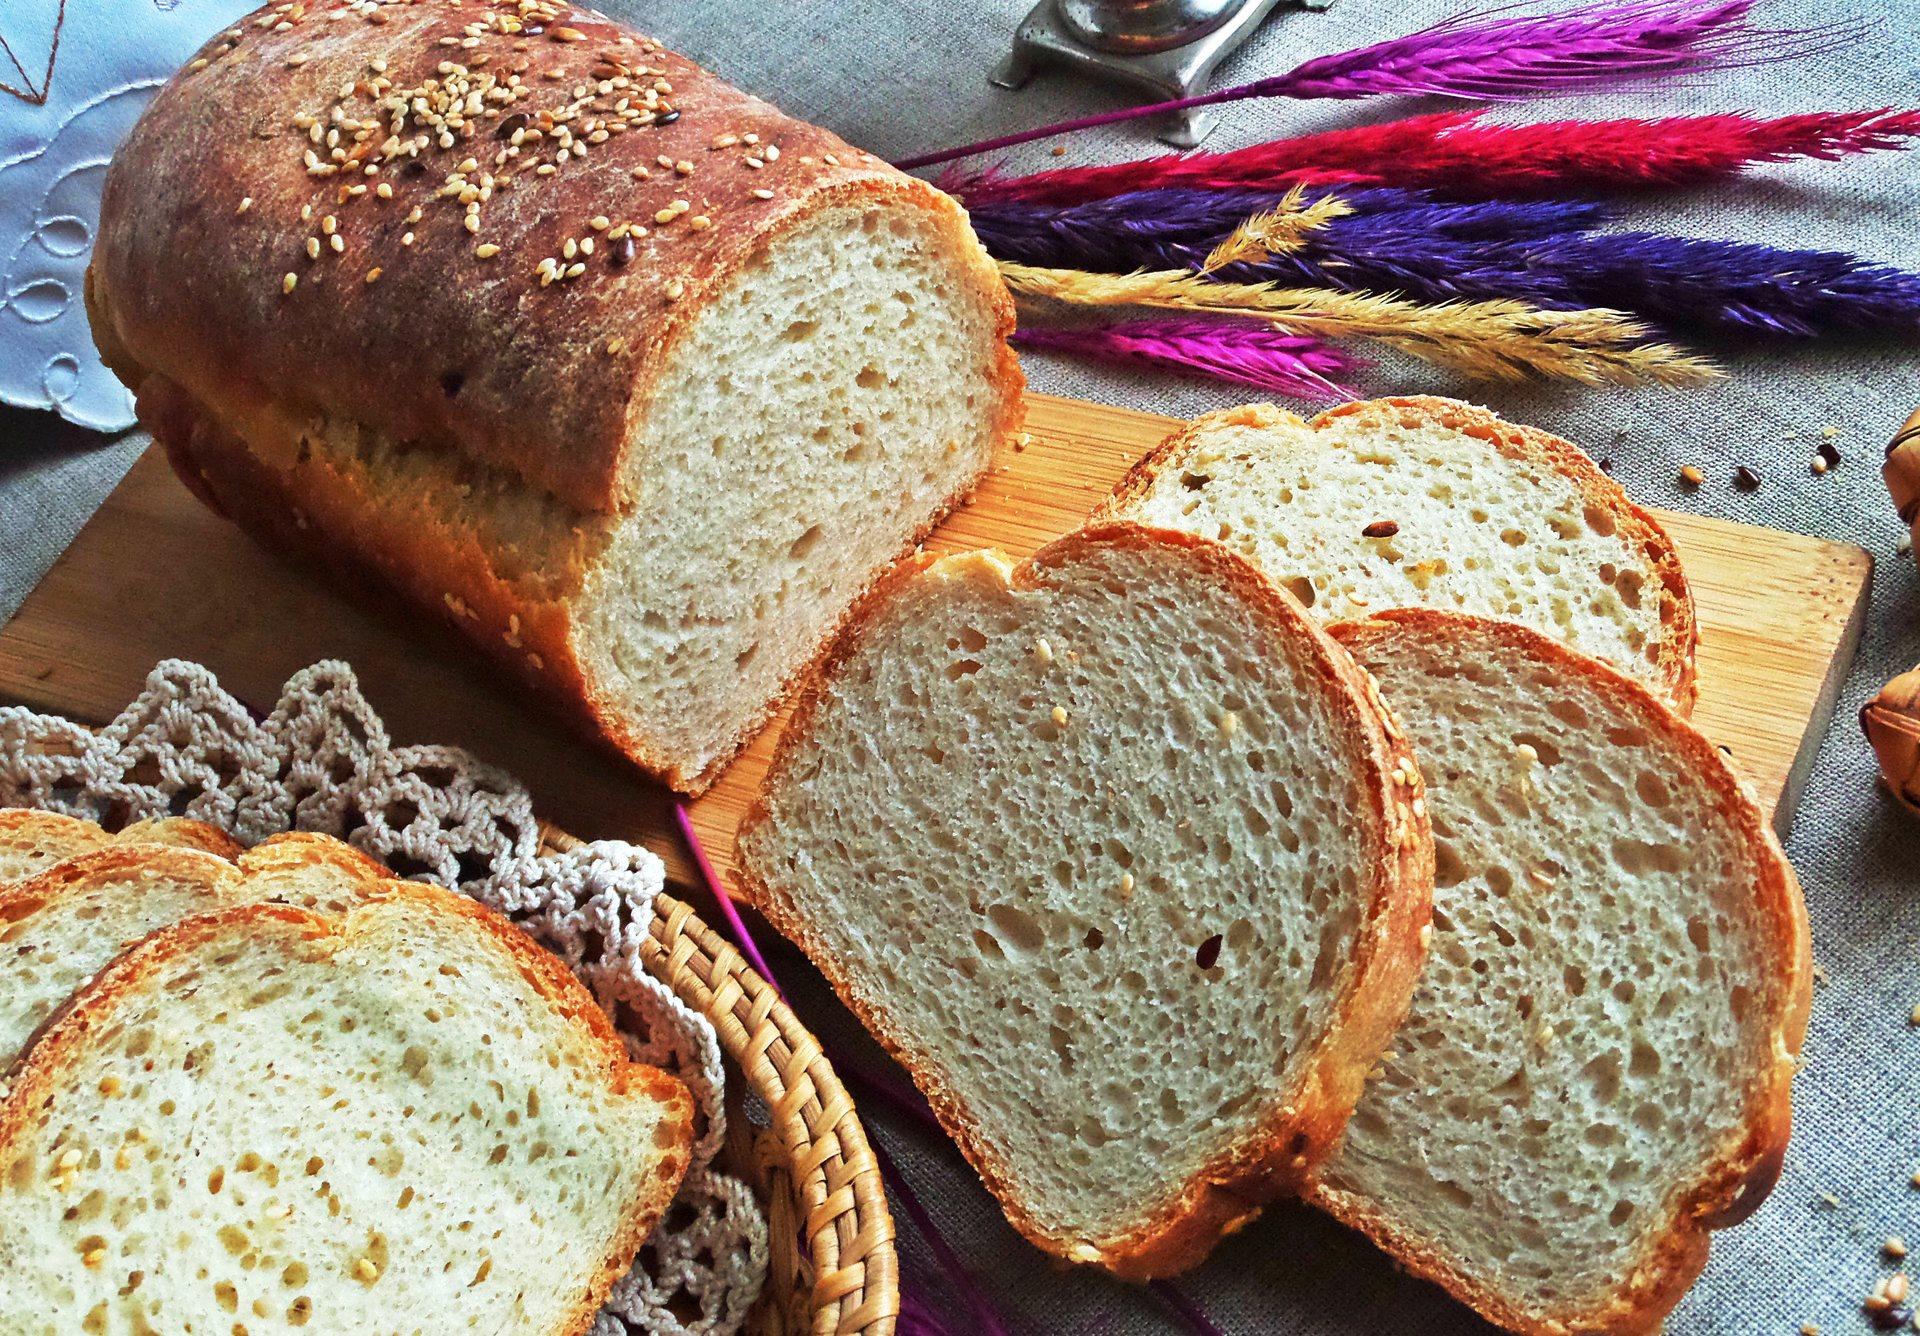 Ocjena najboljeg kvasca za proizvođače kruha za 2020. godinu